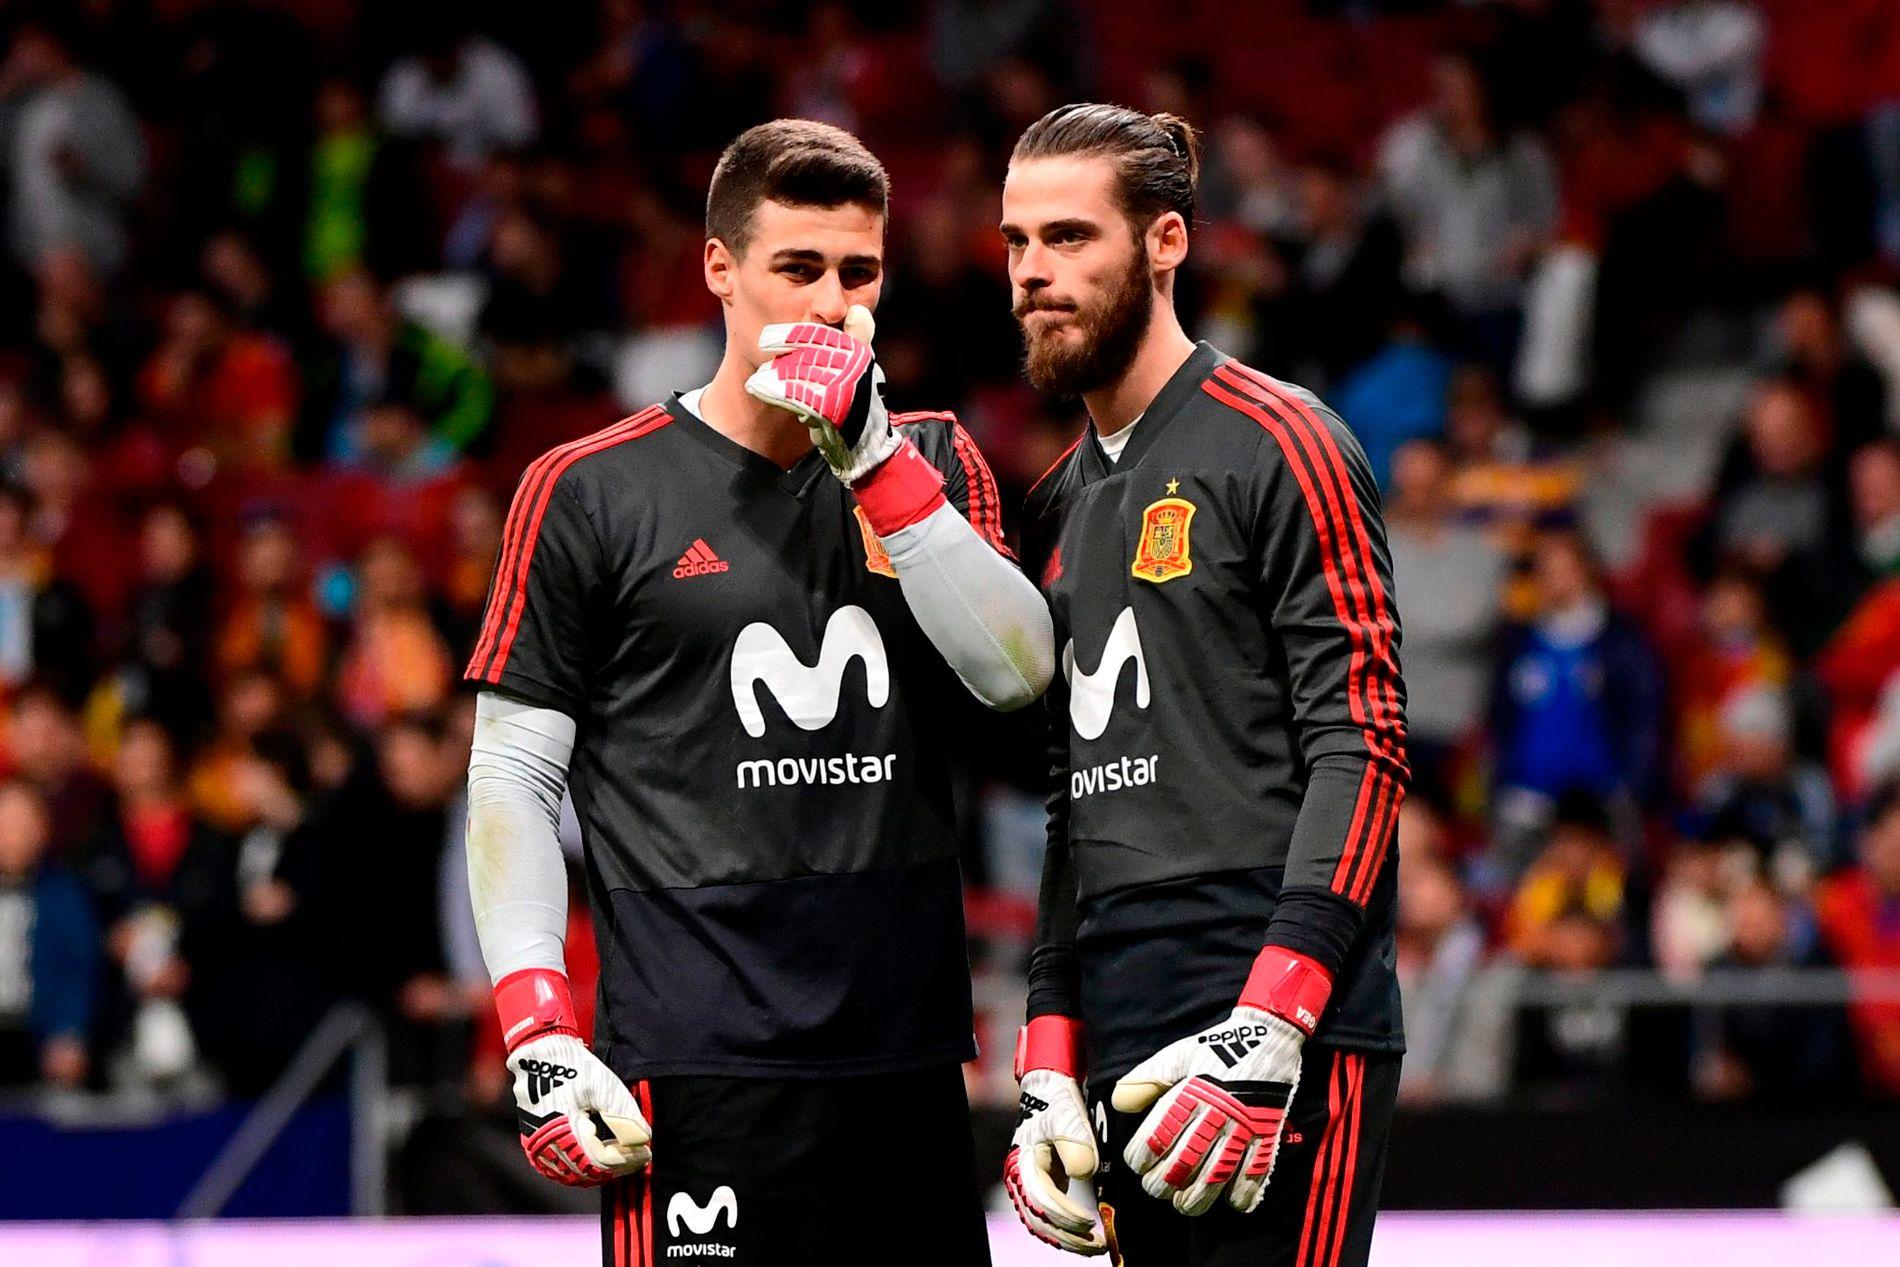 KONKURRENTER: Kepa Arrizabalaga og David de Gea kjemper om posisjonen som førstekeeper på det spanske landslaget.